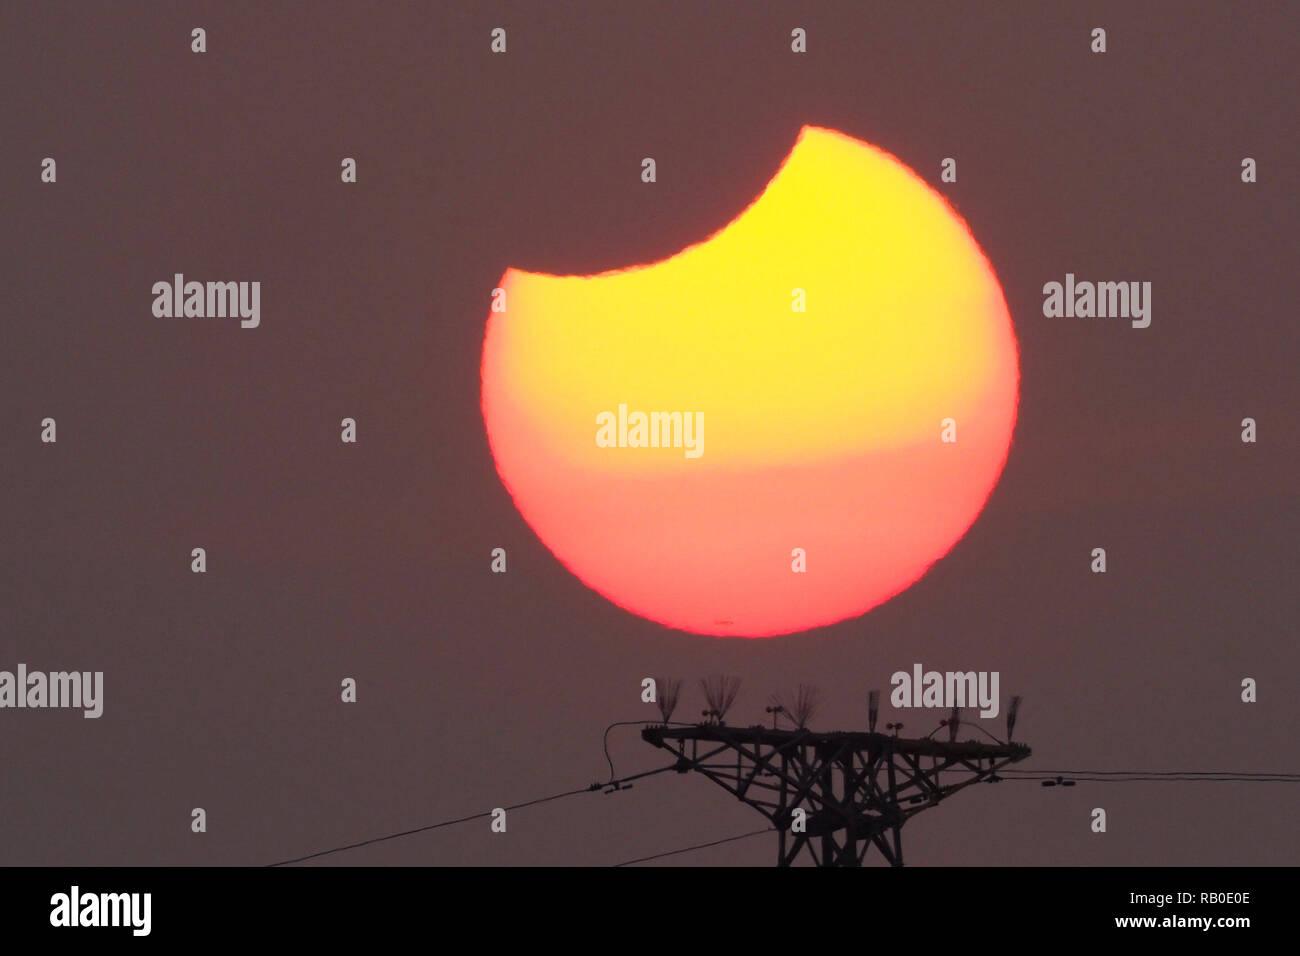 Pechino, Cina. Il 6 gennaio, 2019. Una parziale eclissi solare viene osservato come la luna passa davanti al sole in Pechino, capitale della Cina, Gennaio 6, 2019. Credito: Wang Junfeng/Xinhua/Alamy Live News Immagini Stock